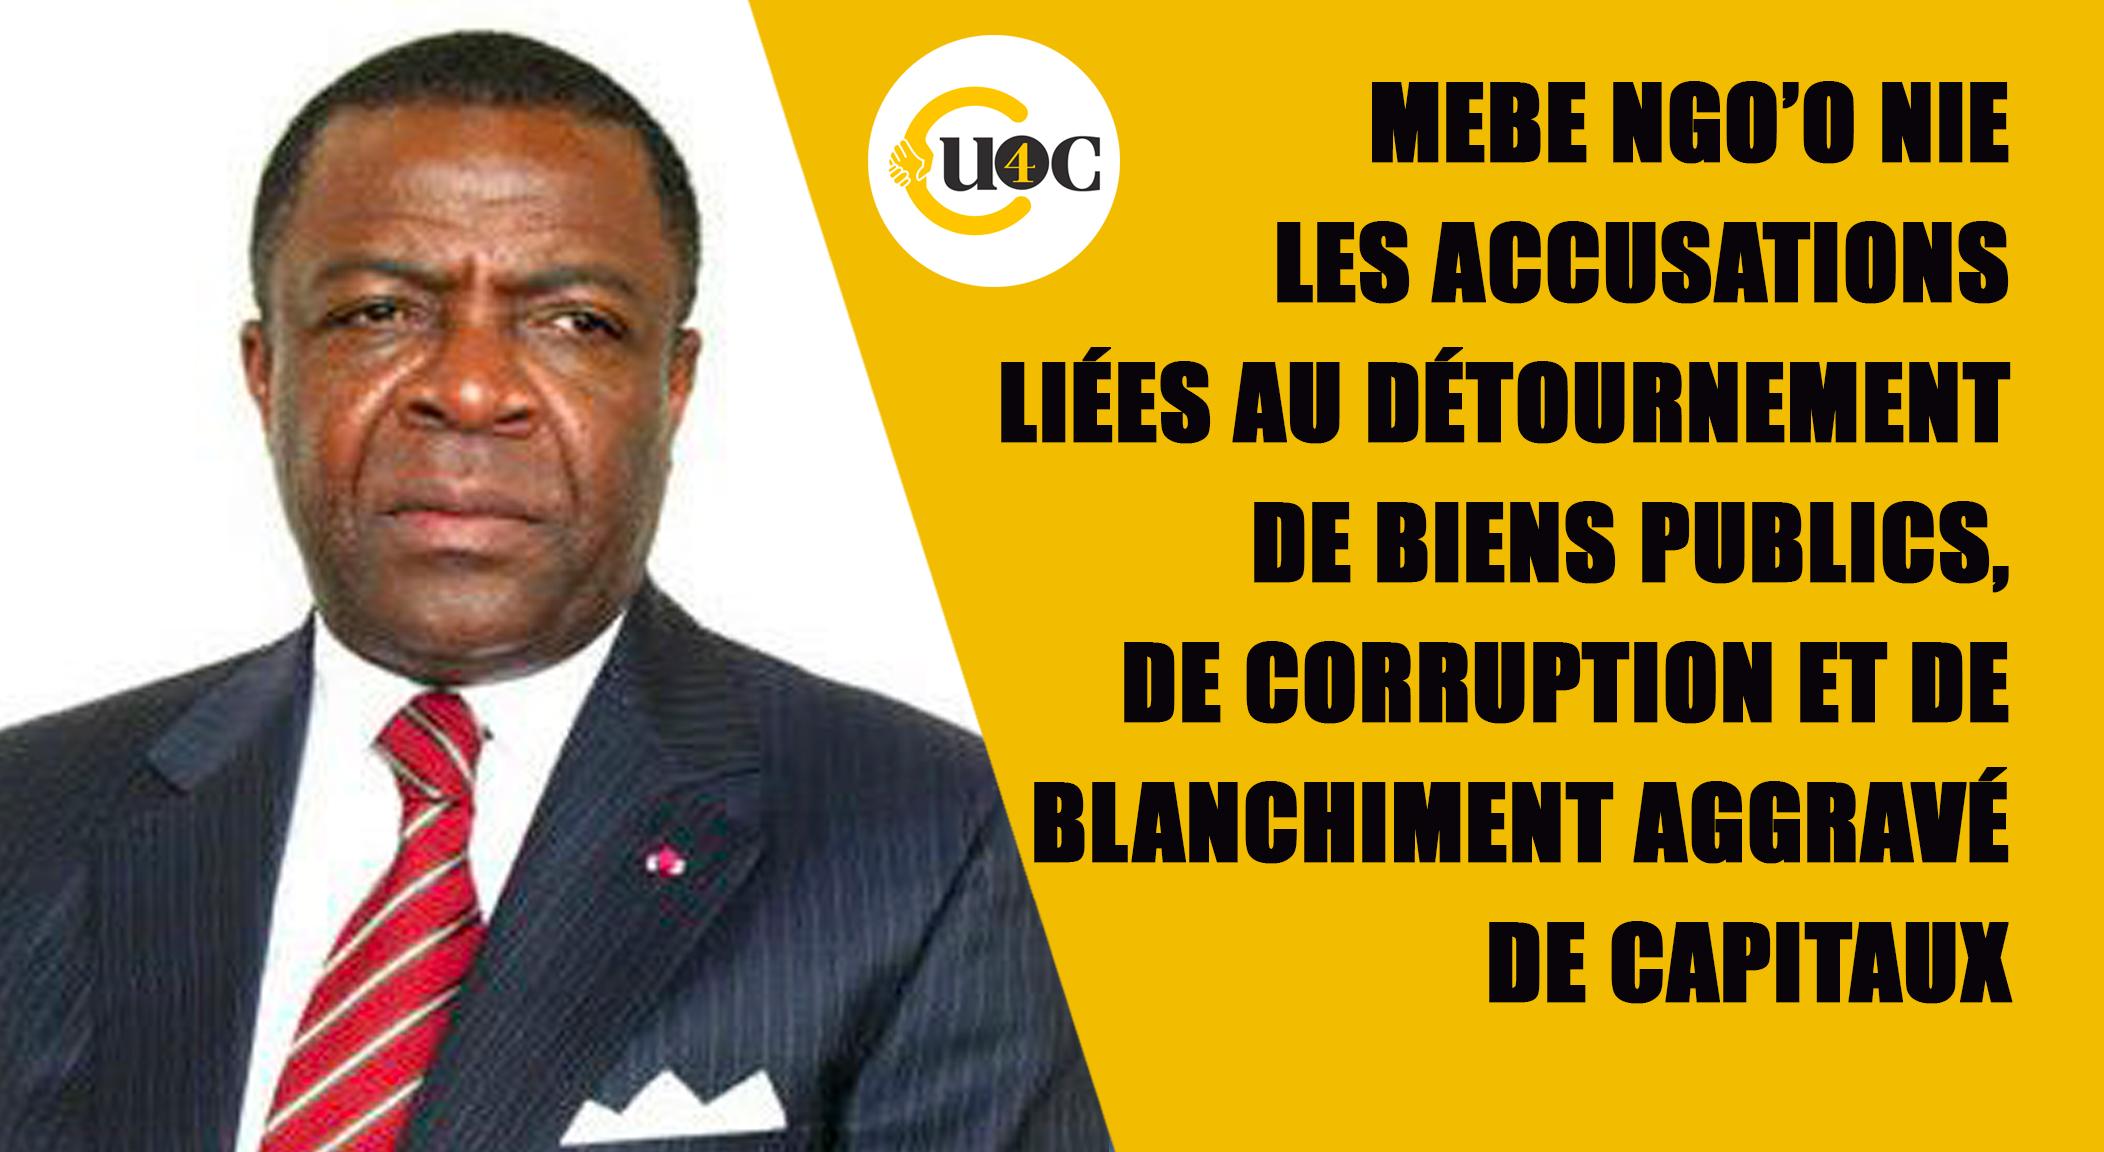 Mebe Ngo'o nie les accusations liées au détournement de biens publics